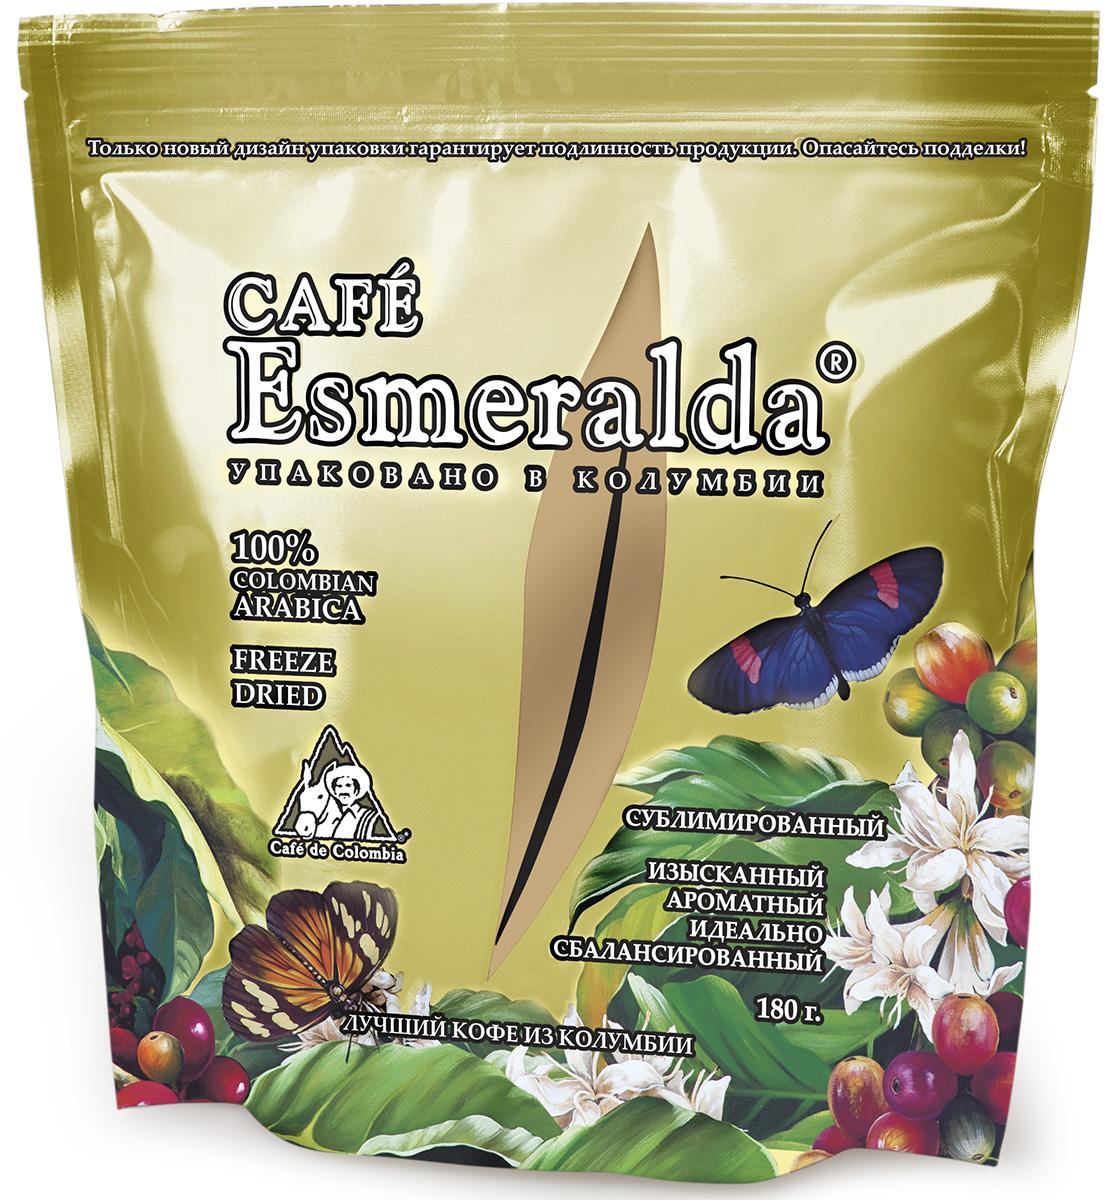 Cafe Esmeralda сублимированный кофе, 180 г (м/у)0120710Кофе Cafe Esmeralda произведен и упакован на самой современной в мире фабрике сублимированного кофе Liofilizado в Колумбии под строгим контролем Национальной Федерации производителей кофе Колумбии. Обработка по технологии Freeze Dried - быстрая заморозка в вакууме - сохраняет максимум вкуса и аромата, как у молотого кофе. Дополнительно кофейные кристаллы обрабатываются специальным кофейным маслом, что предотвращает их рассыпание. Кофе произведен из зерен 100% колумбийской арабики. Обладает особенно крепким вкусом и насыщенным ароматом.